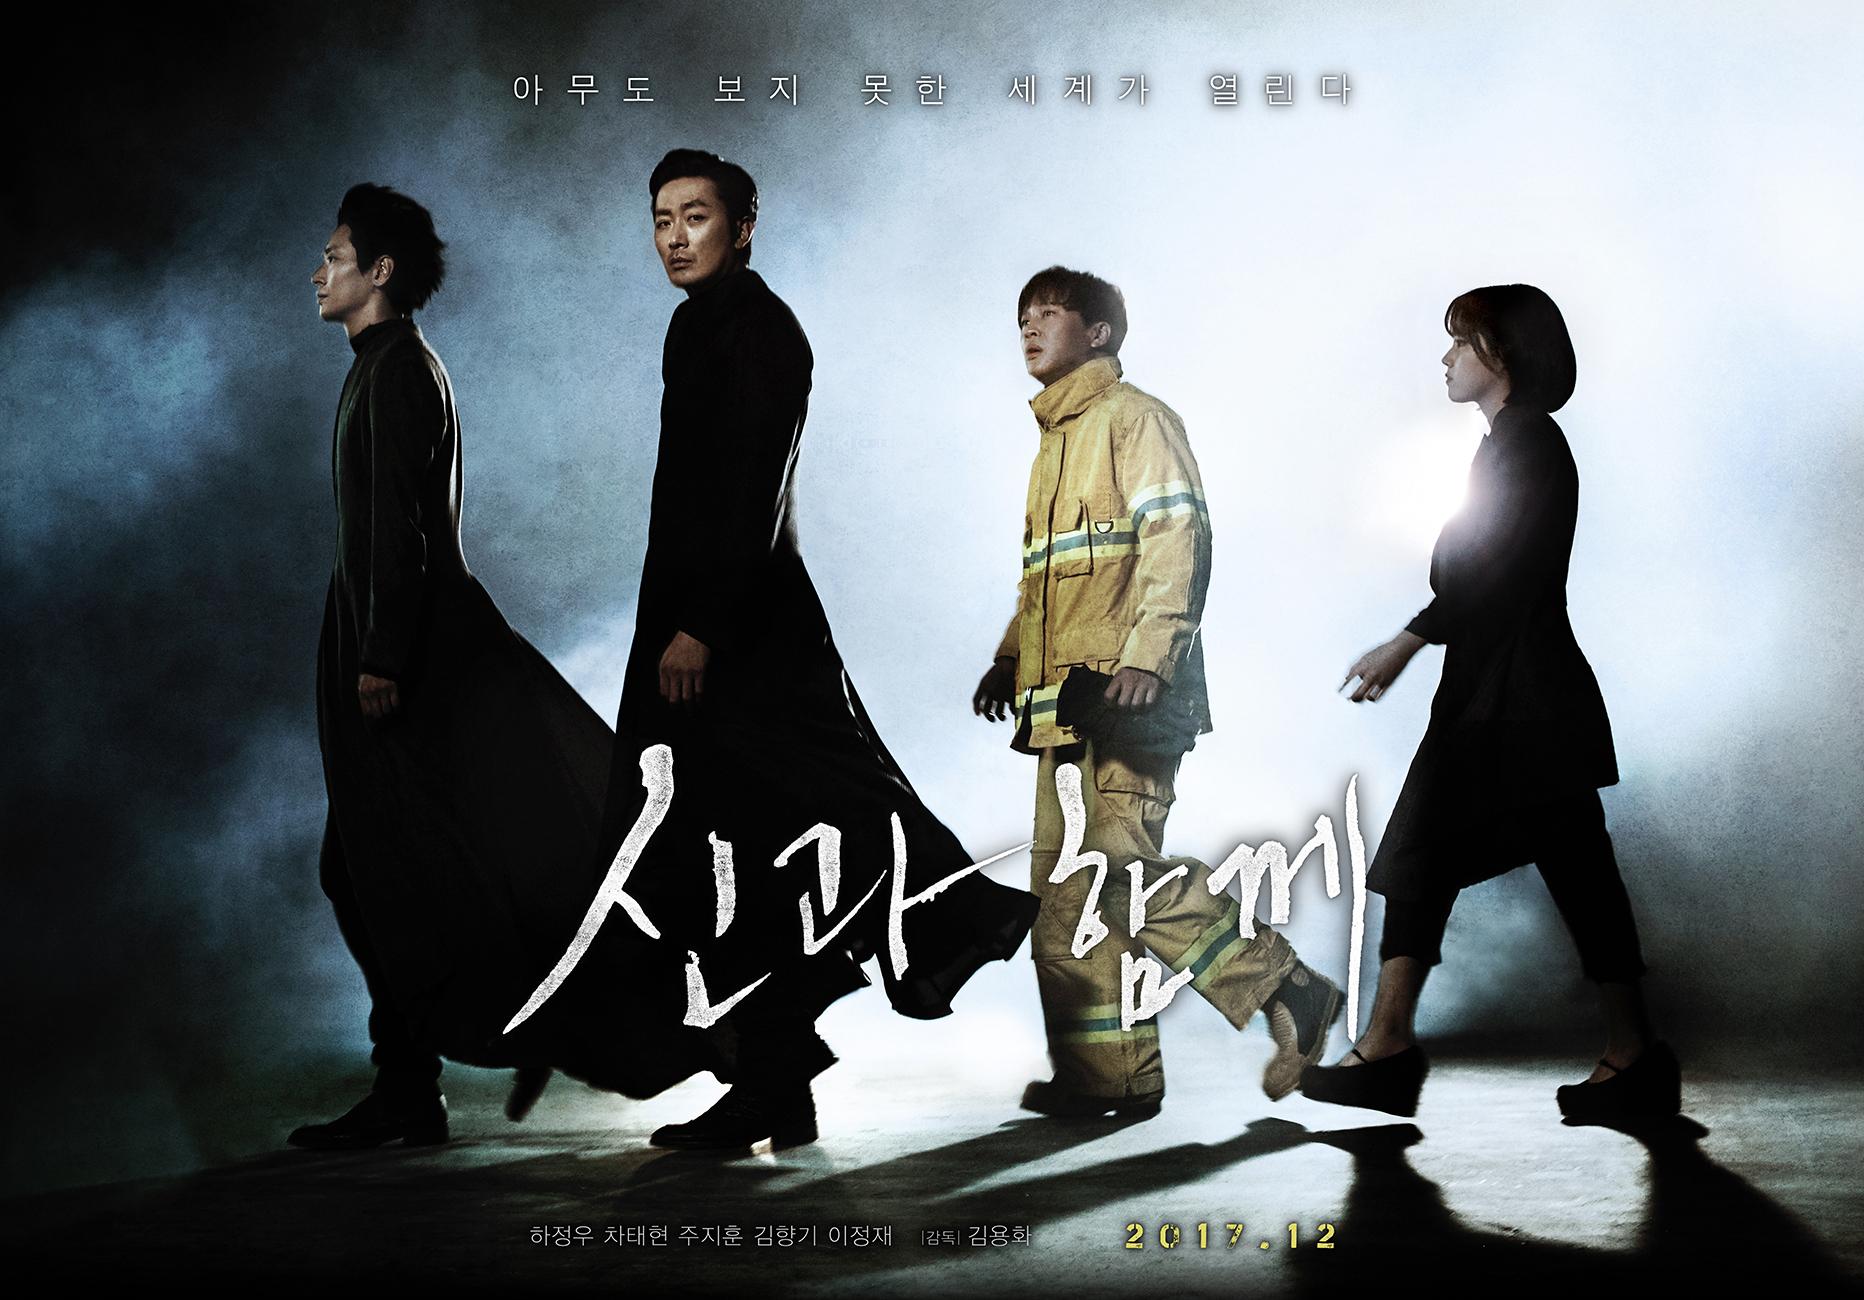 김수안 영화 신과함께 티저 포스터 2017.12 (1)